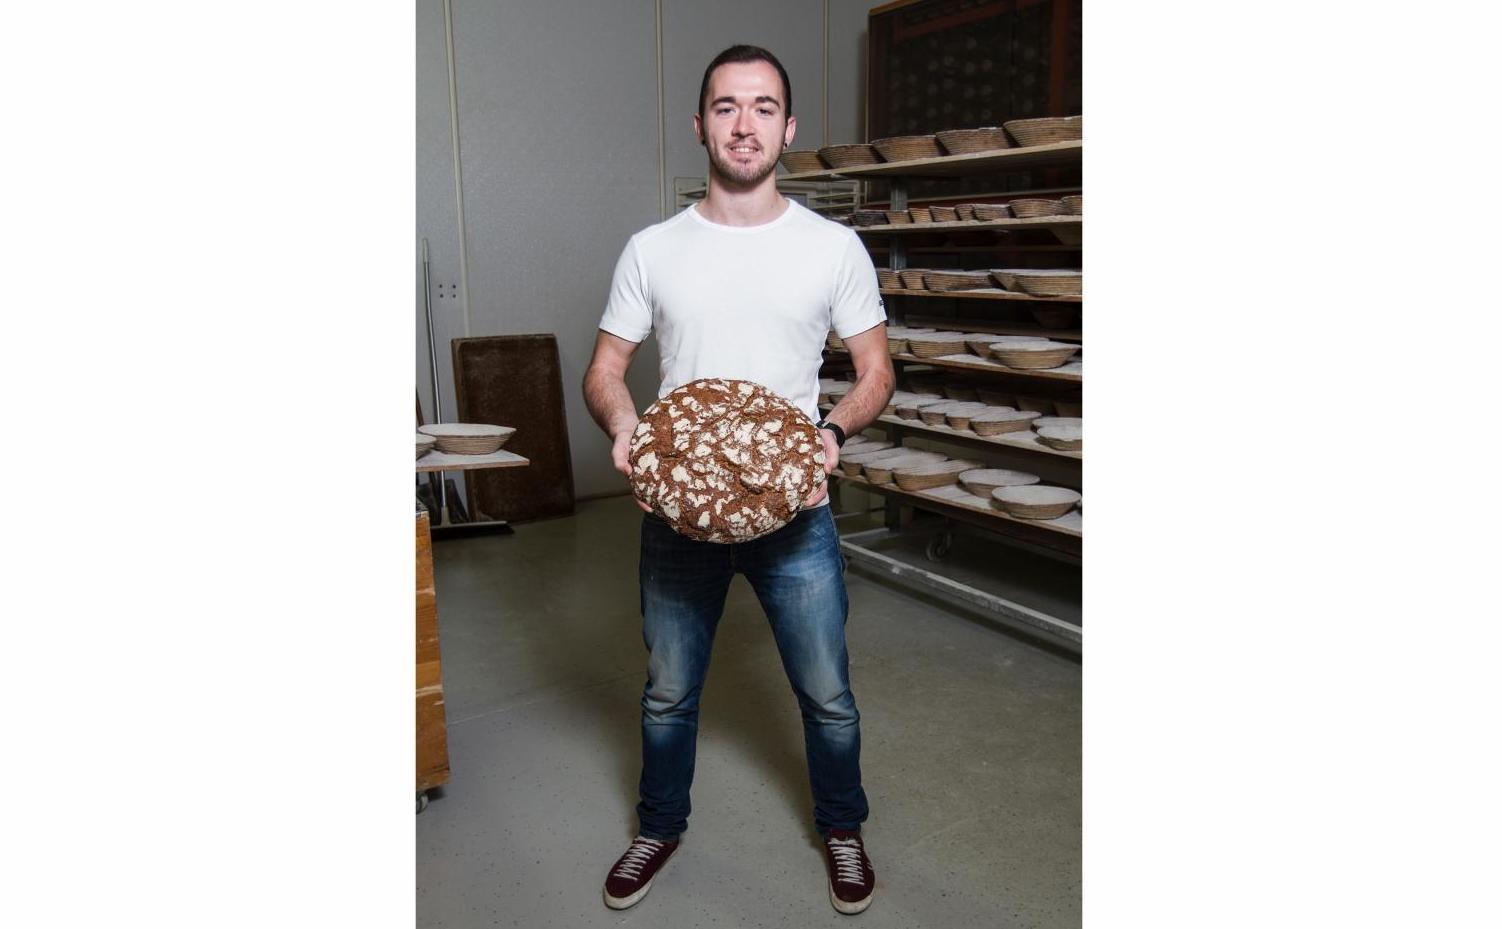 Brot Bu00e4cker